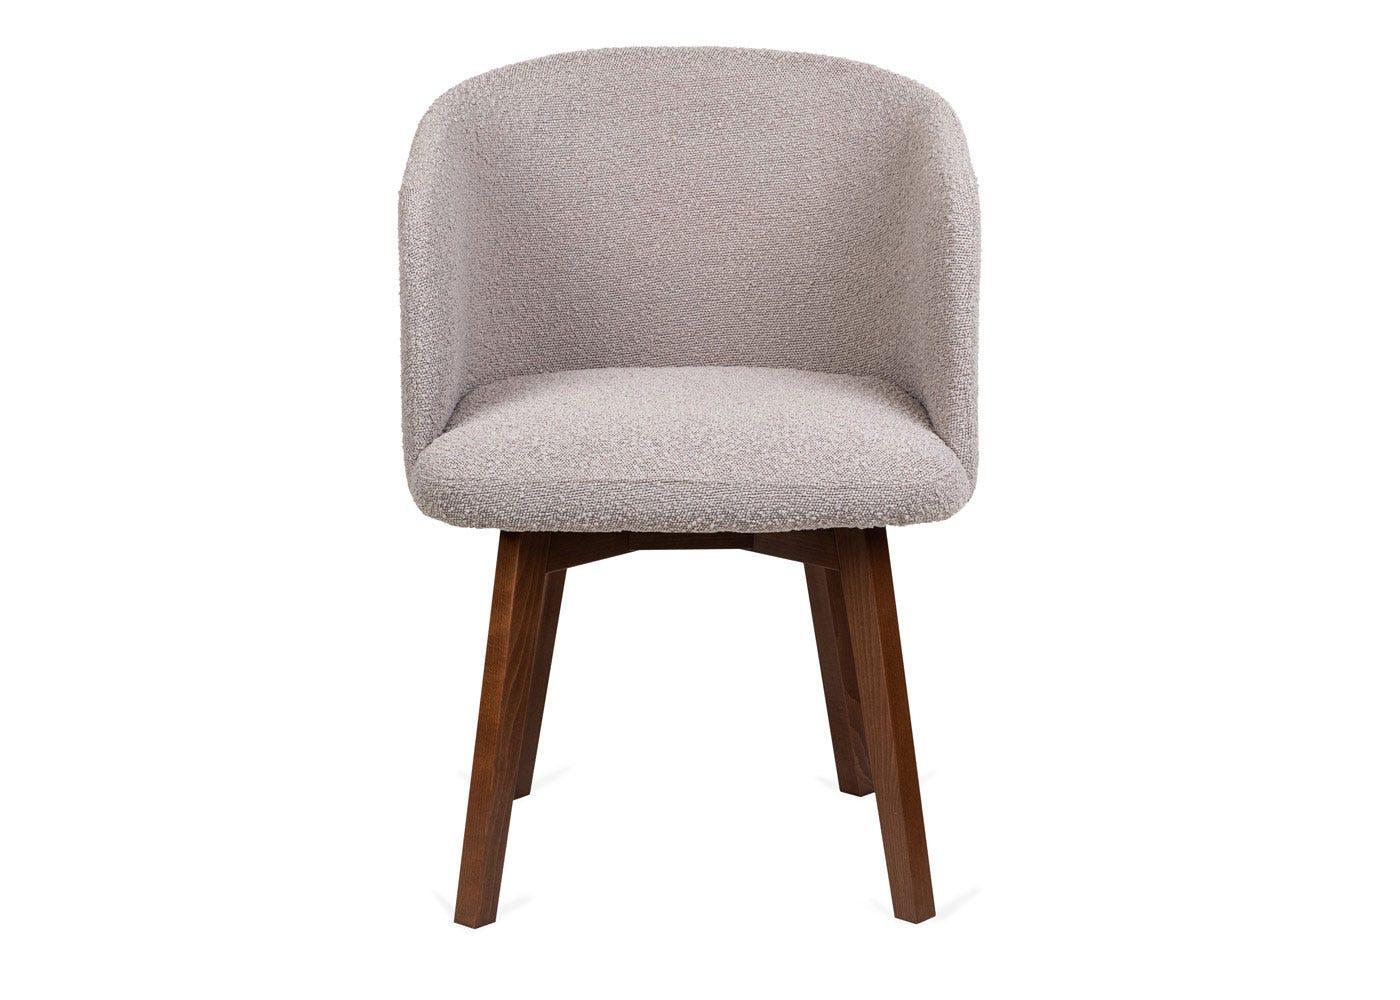 As shown: Edit swivel office chair copenhagen blue walnut stain leg - Front profile